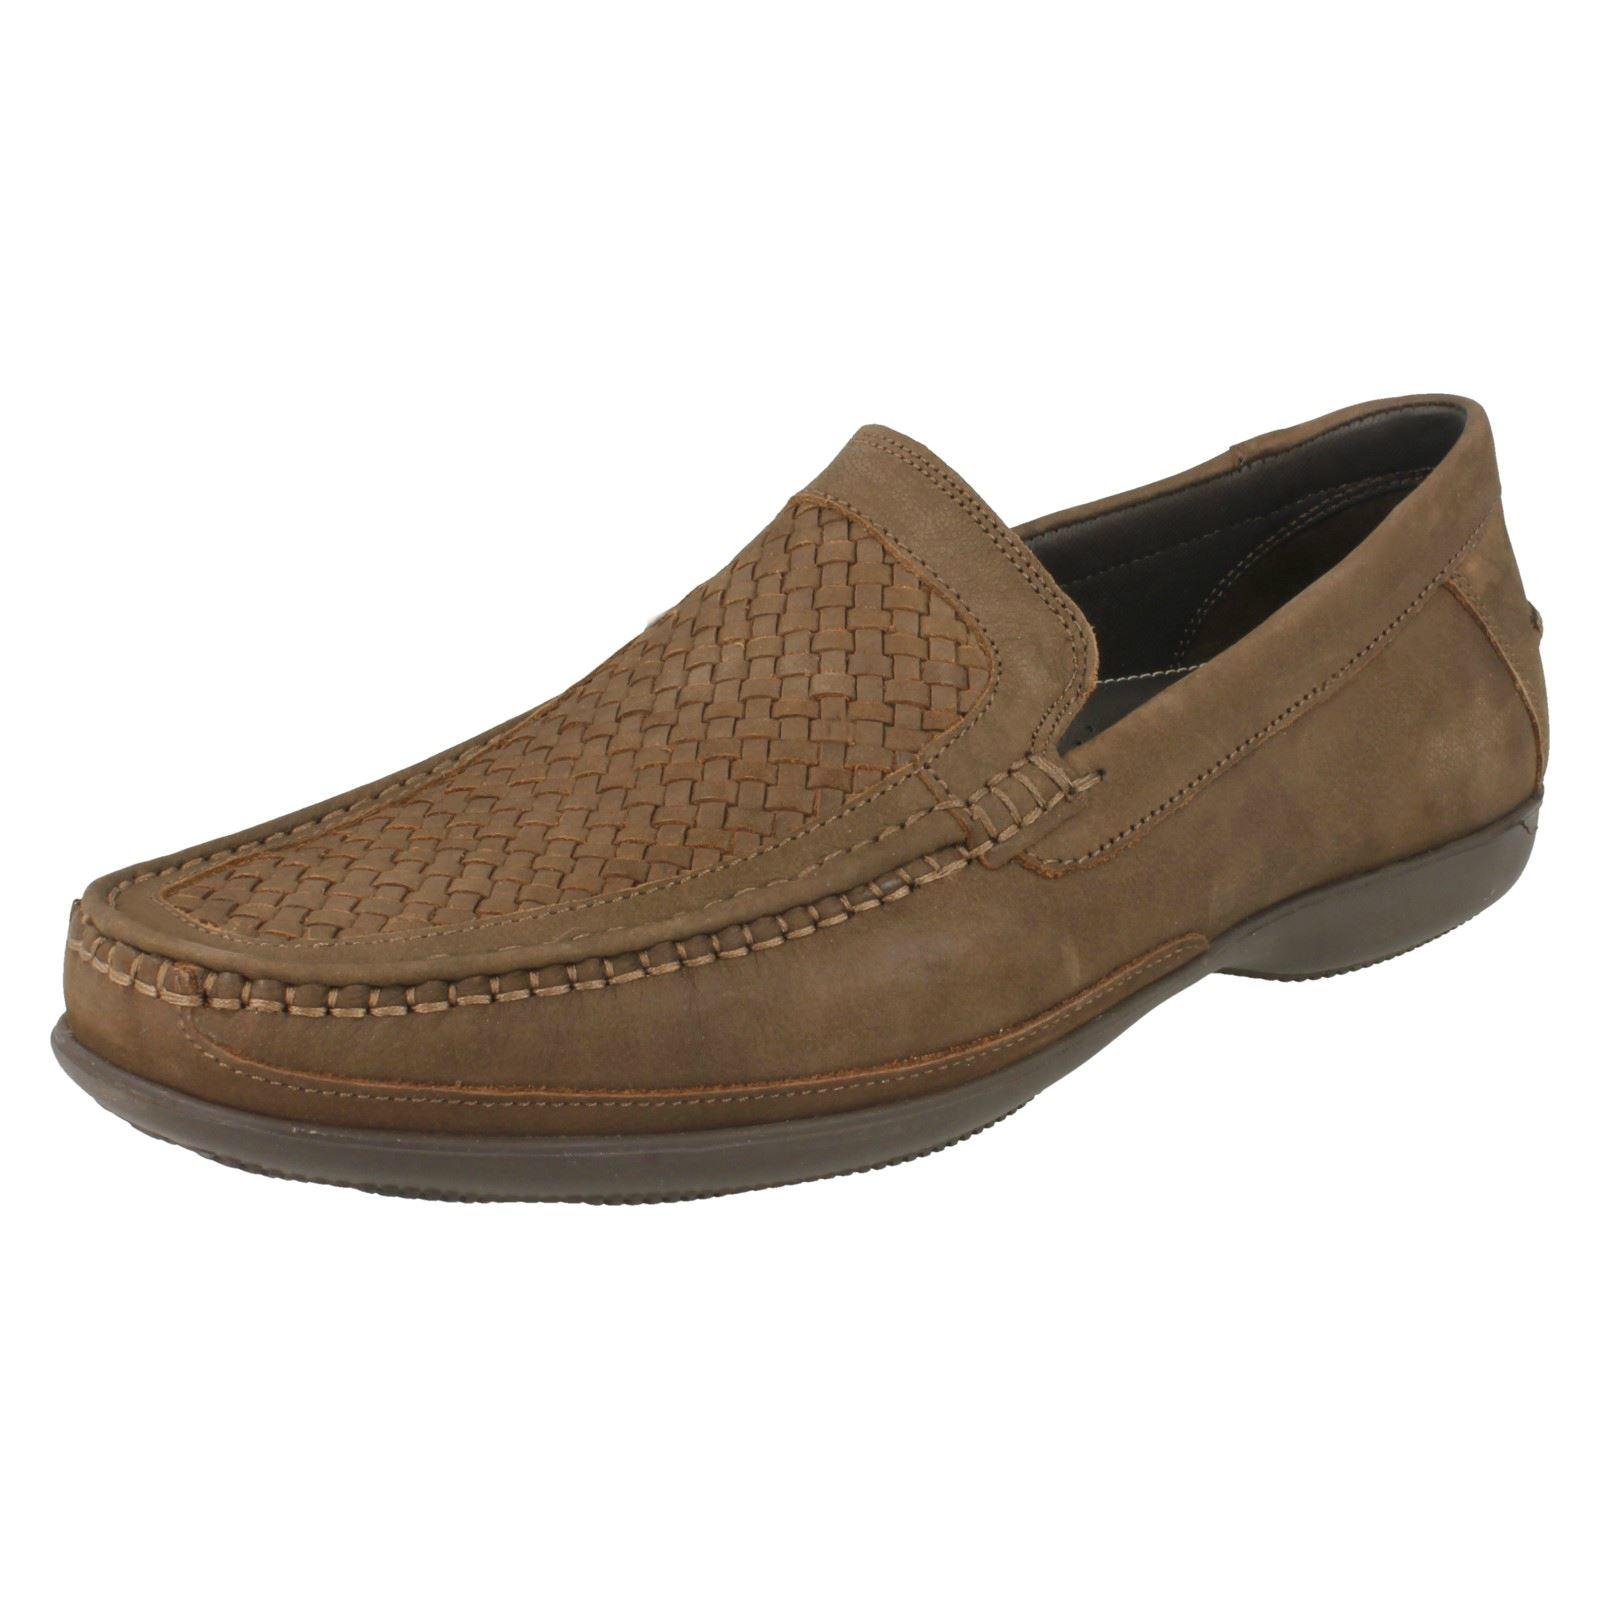 66f859d0dd25 Herren Clarks Formell Slipper Schuhe  Feine Webart    eBay